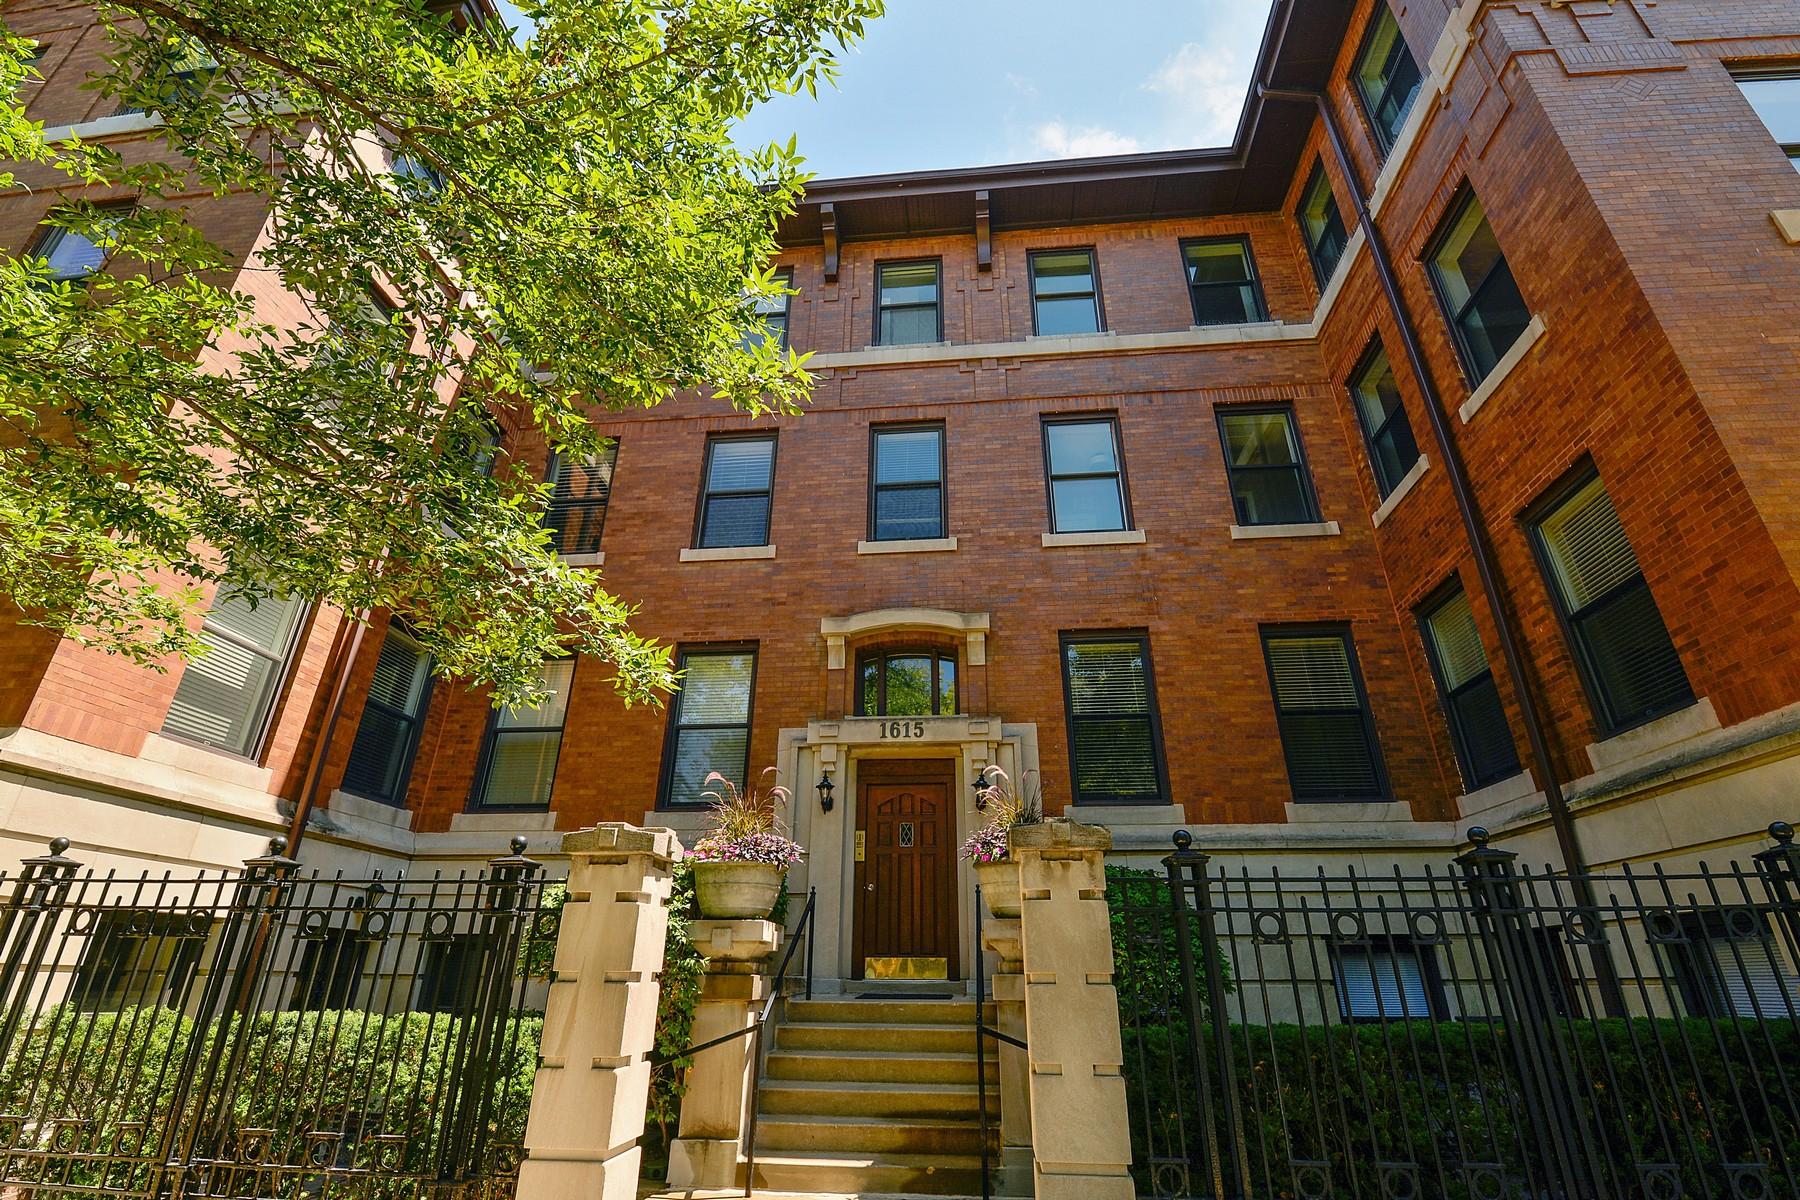 Duplo para Venda às Magnificent Multi-Level Corner Penthouse 1615 N Cleveland Avenue Unit 3S Lincoln Park, Chicago, Illinois, 60614 Estados Unidos